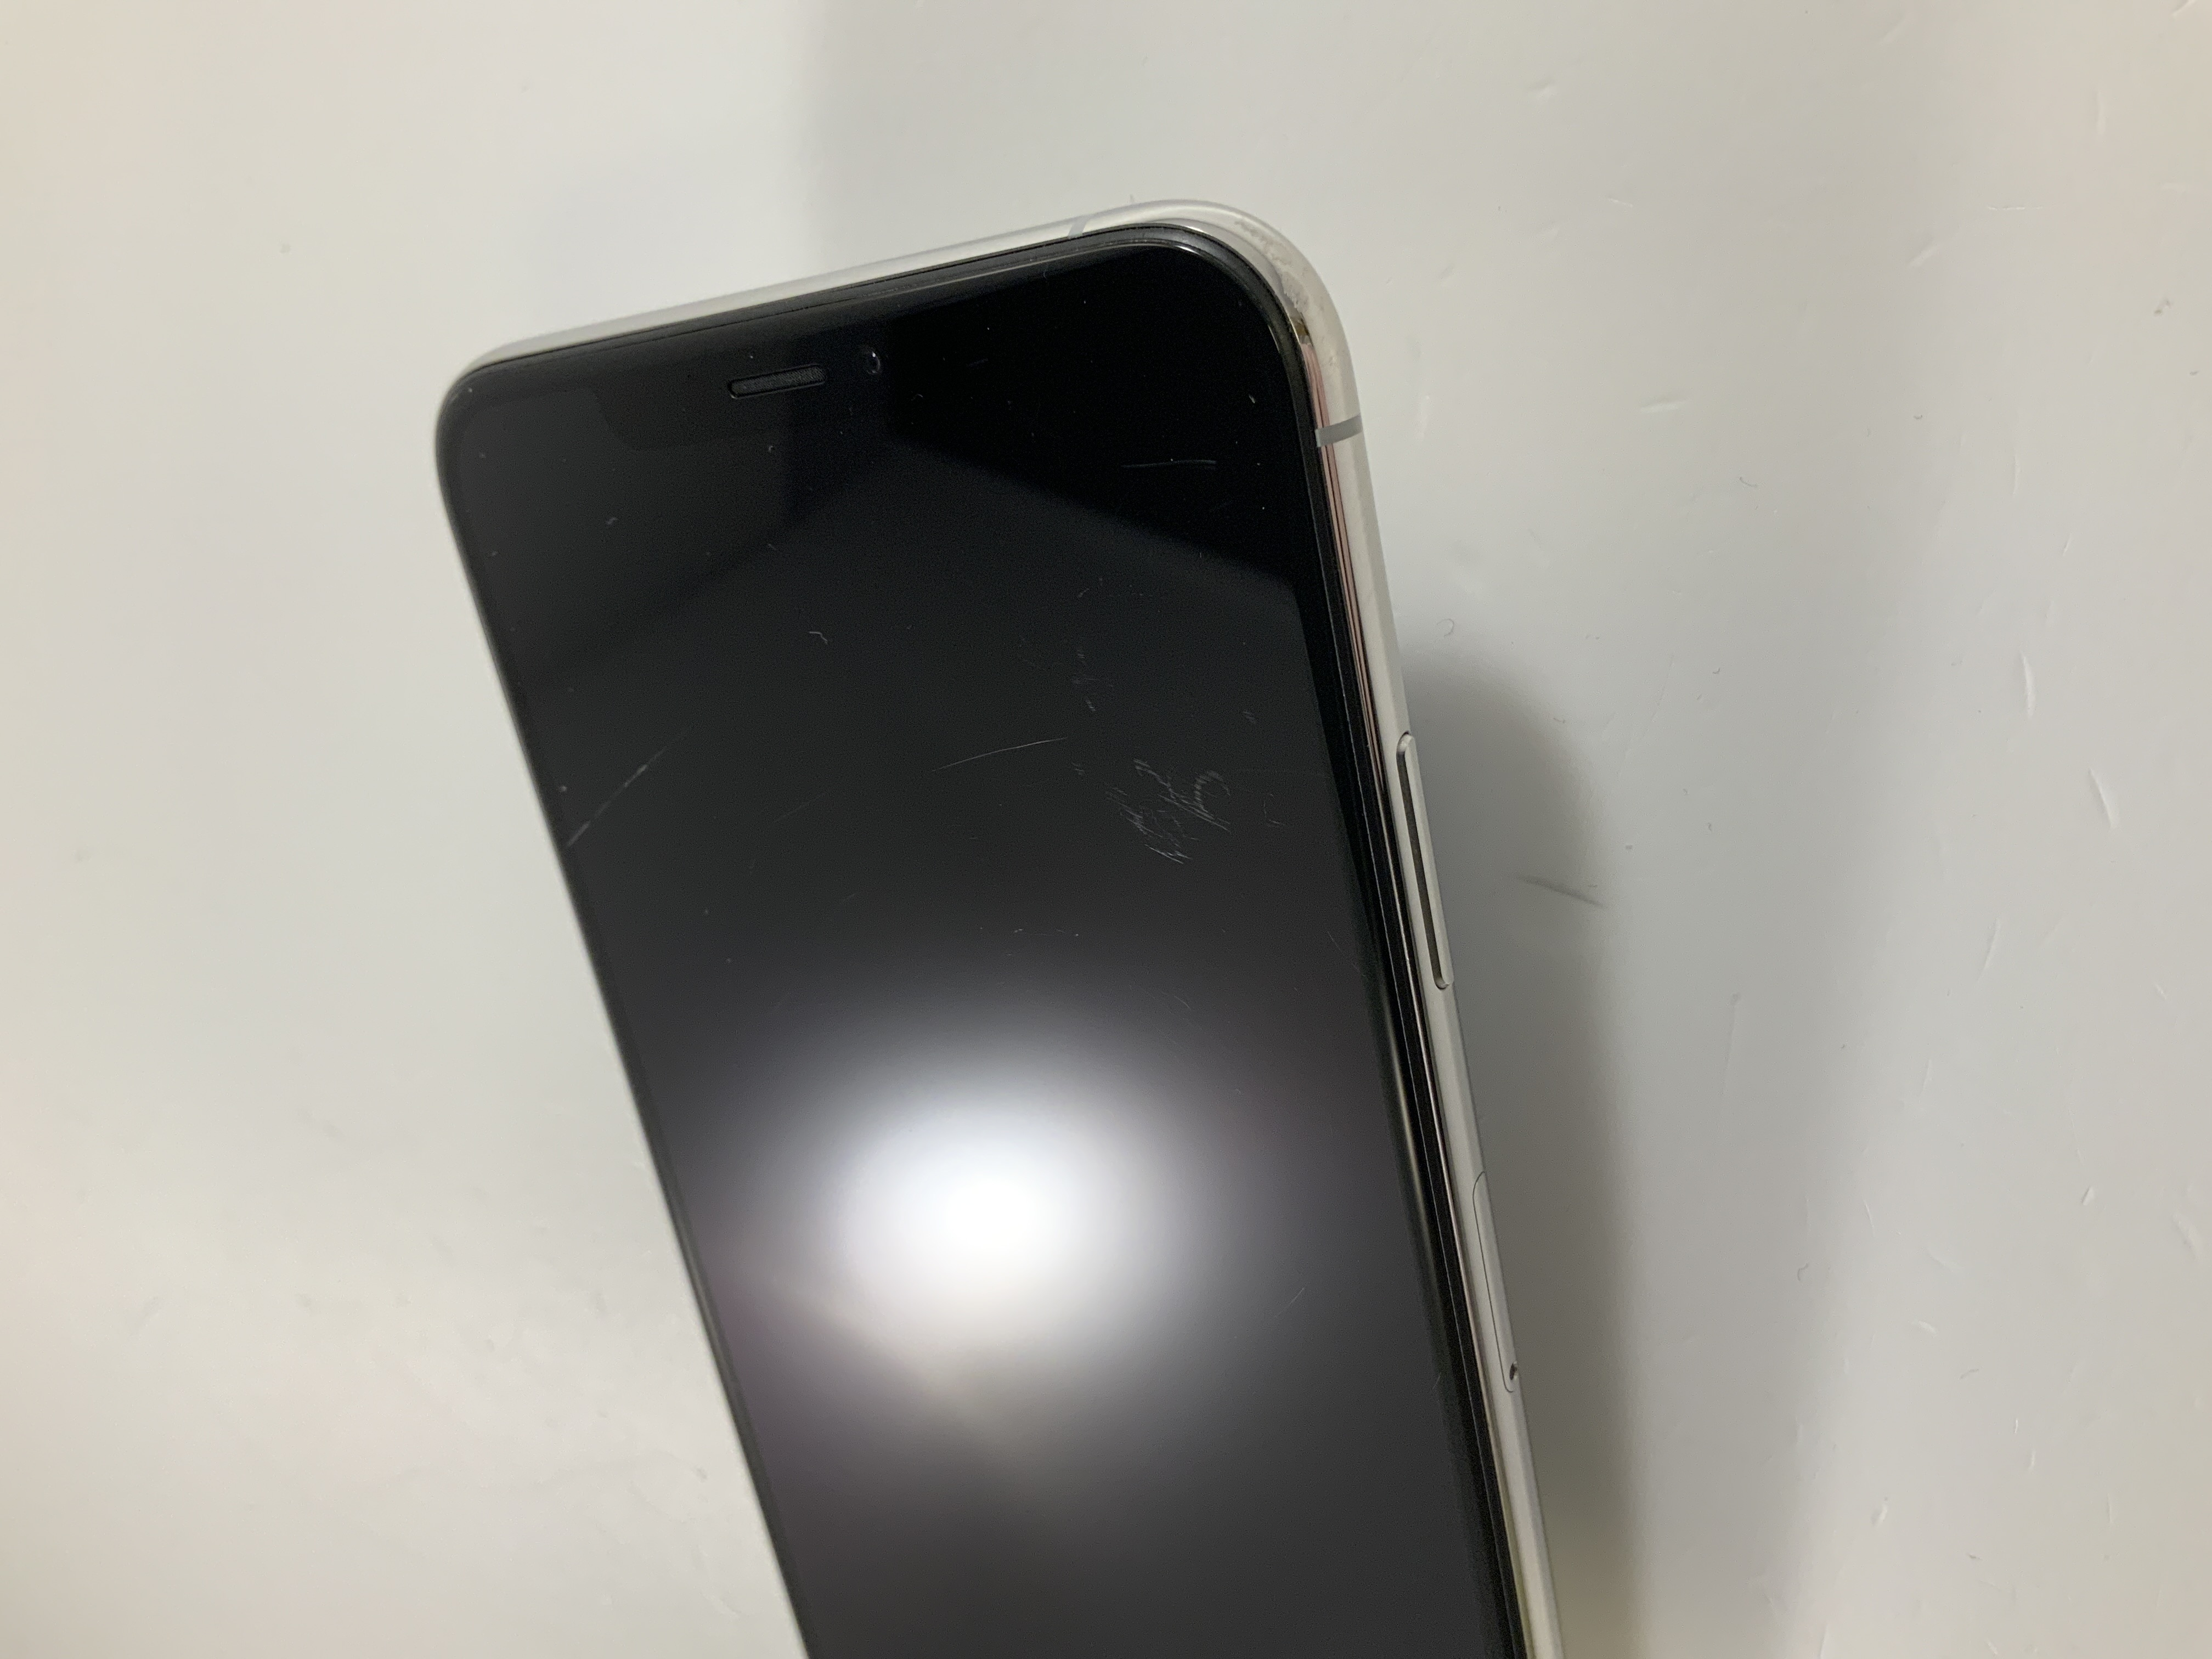 iPhone XS Max 256GB, 256GB, Silver, image 4